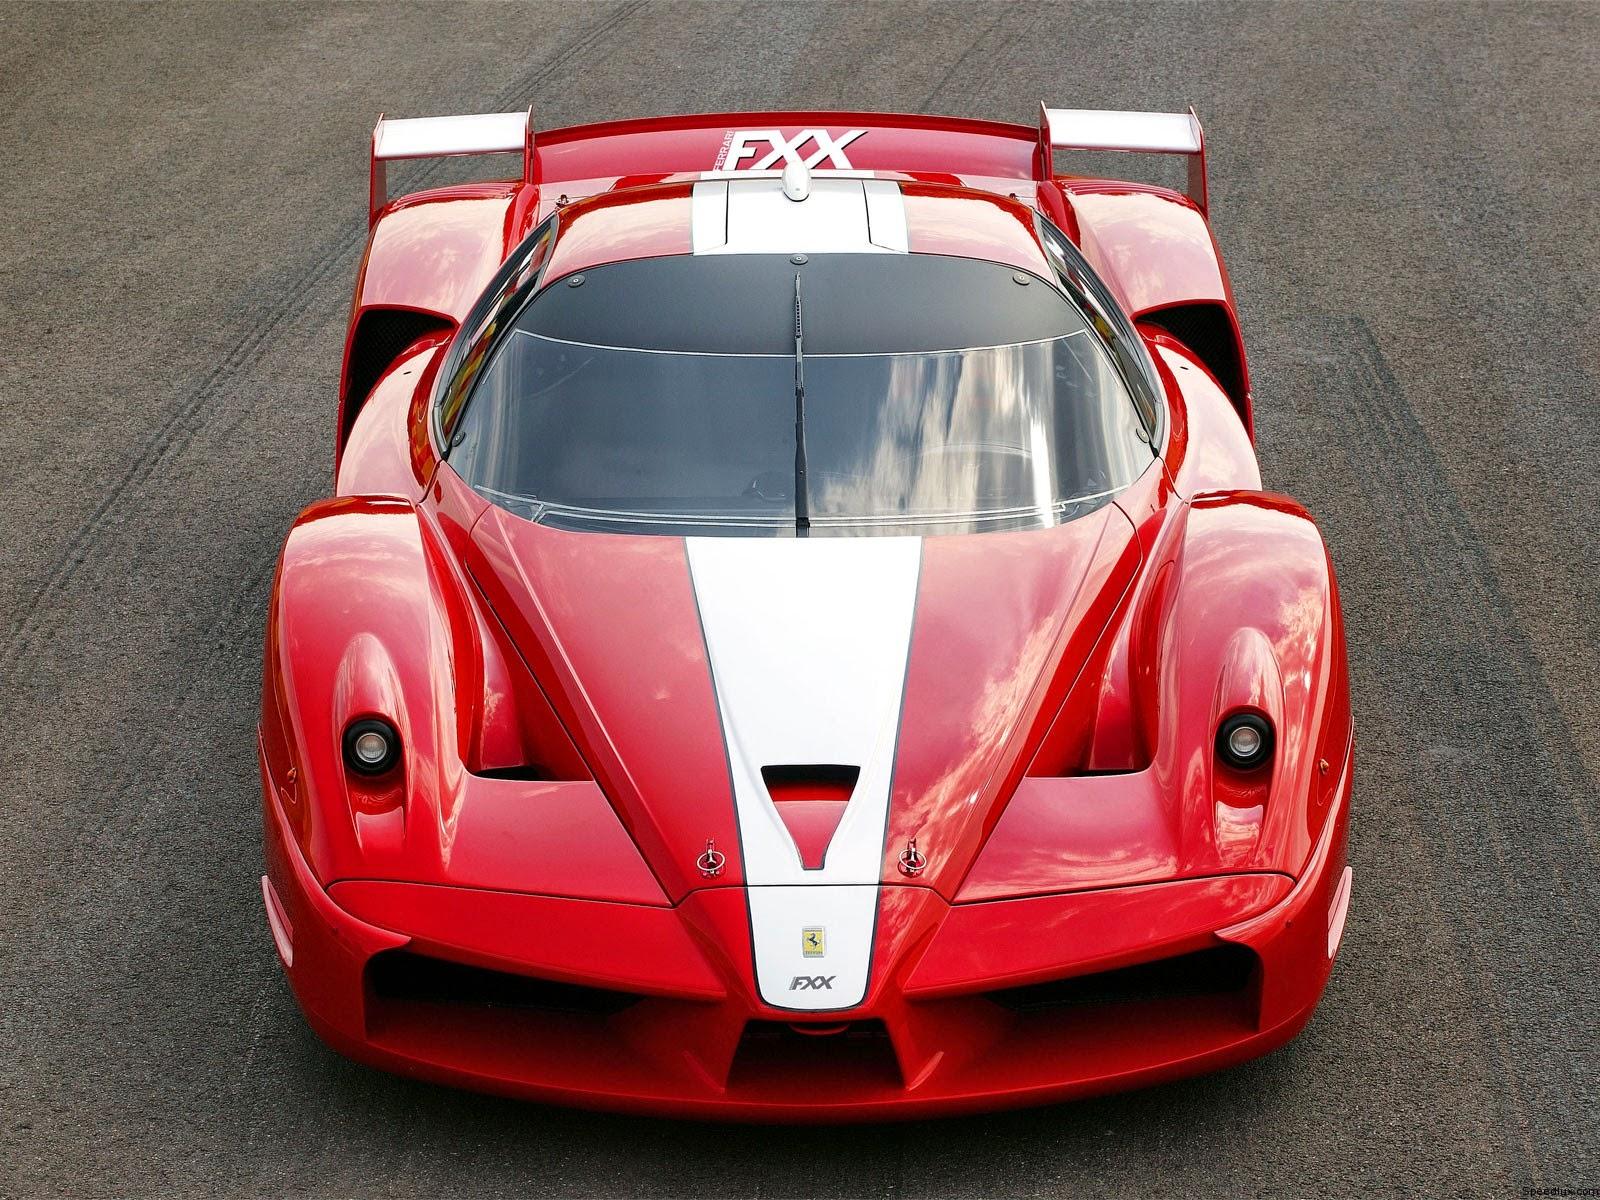 ferrari enzo fxx replica - Ferrari Enzo 2020